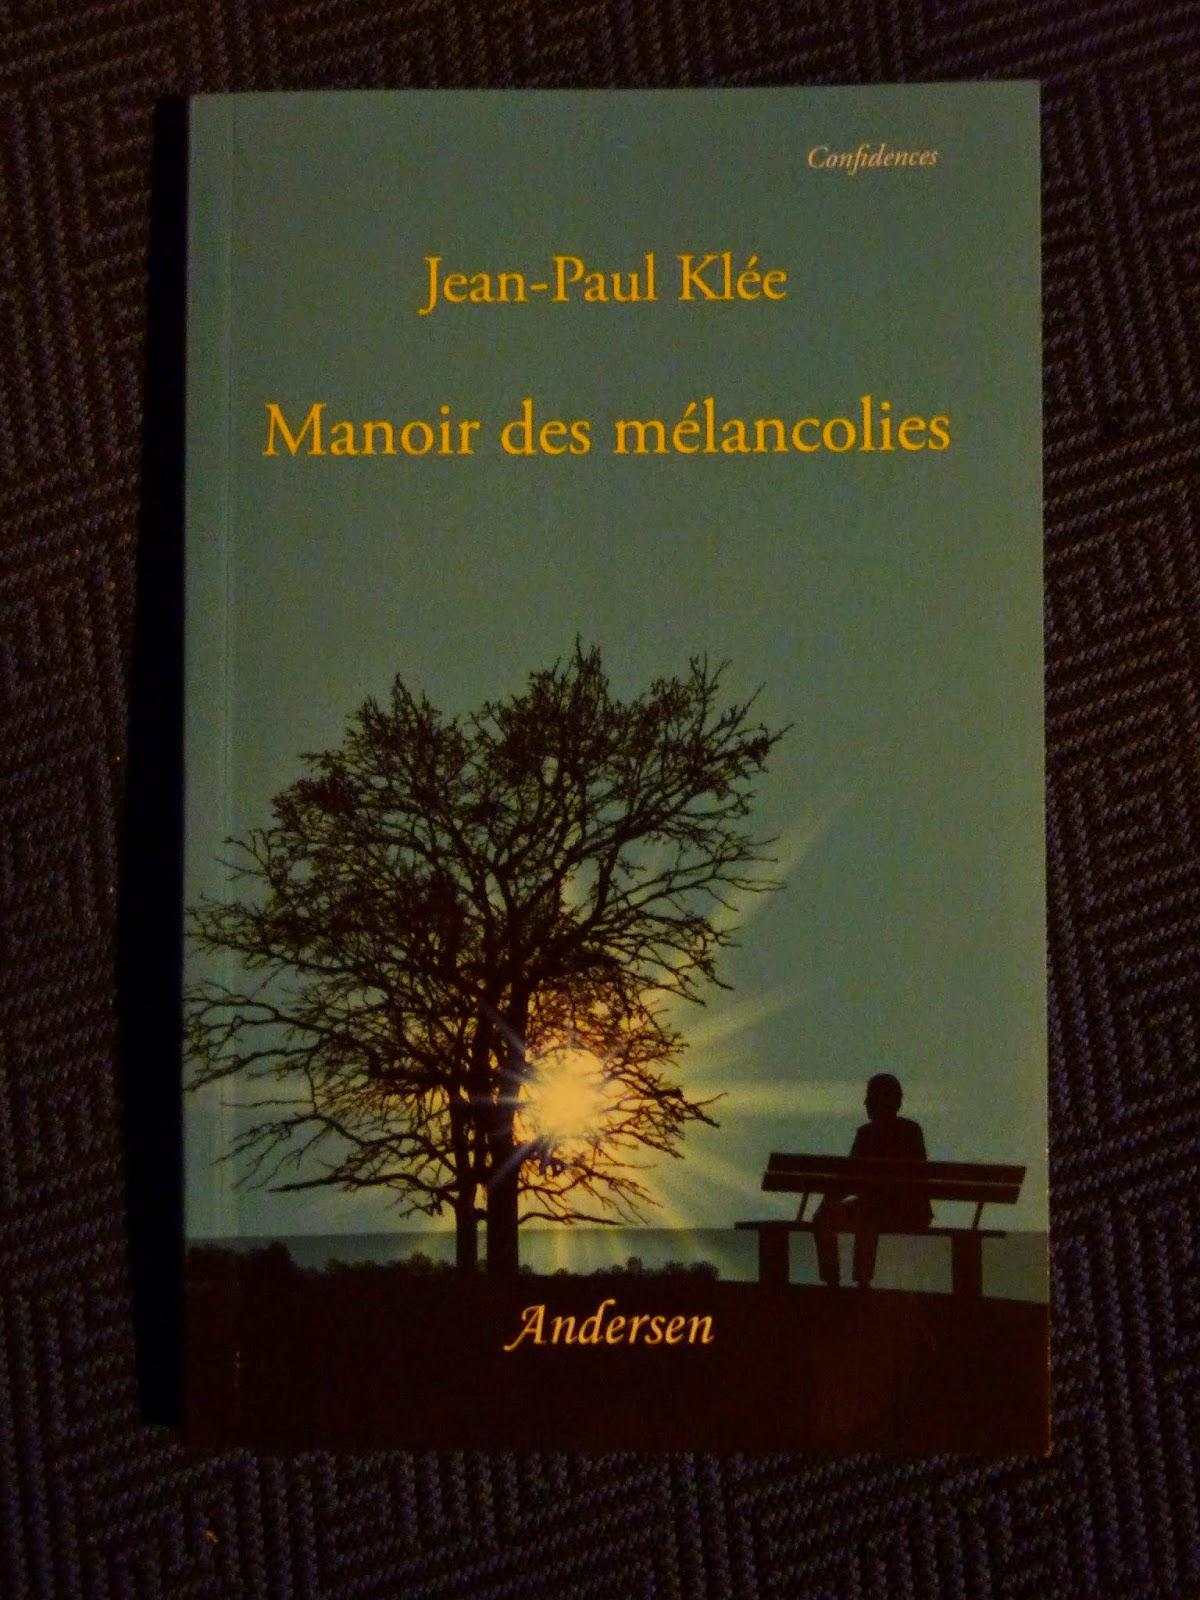 Manoir des mélancolies - Jean-Paul Klée